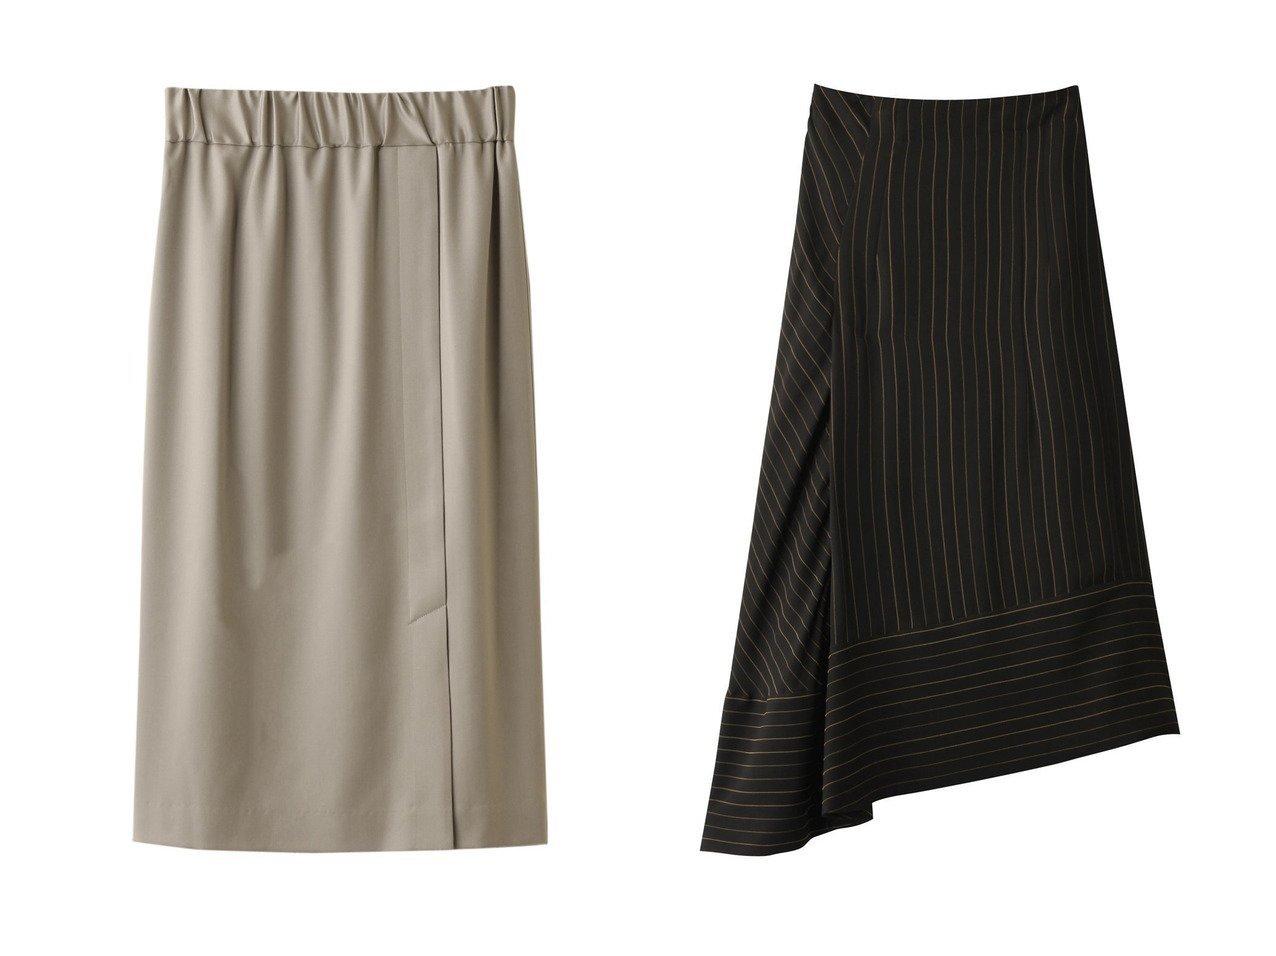 【RITO/リト】のキュプラシャイニーストライプフレアスカート&【1er Arrondissement/プルミエ アロンディスモン】のパイピングスリットスカート スカートのおすすめ!人気、レディースファッションの通販 おすすめで人気のファッション通販商品 インテリア・家具・キッズファッション・メンズファッション・レディースファッション・服の通販 founy(ファニー) https://founy.com/ ファッション Fashion レディース WOMEN スカート Skirt Aライン/フレアスカート Flared A-Line Skirts シンプル イレギュラーヘム キュプラ ストライプ セットアップ ロング |ID:crp329100000000069